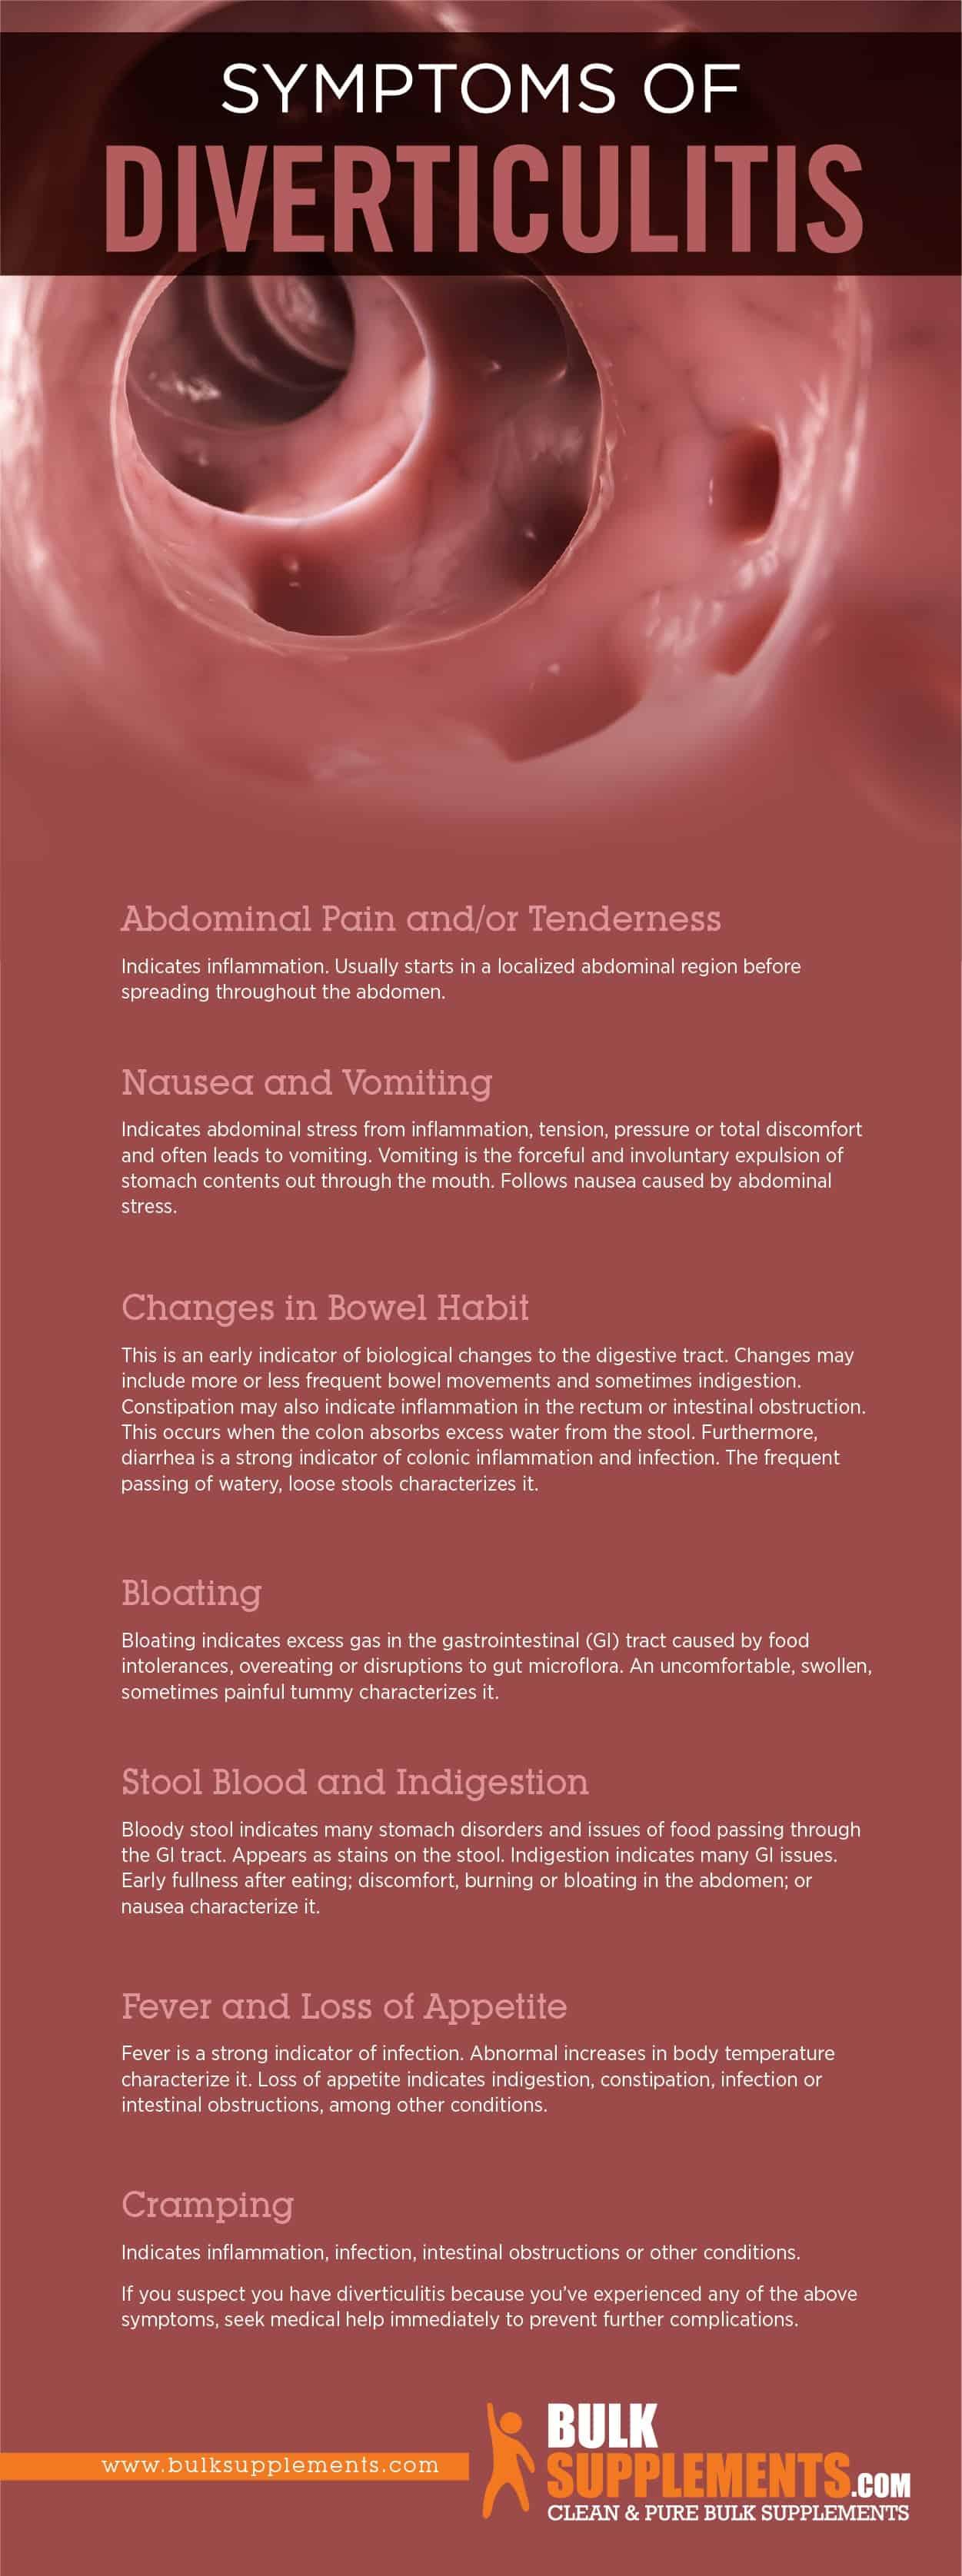 Diverticulitis: Symptoms, Causes & Treatment